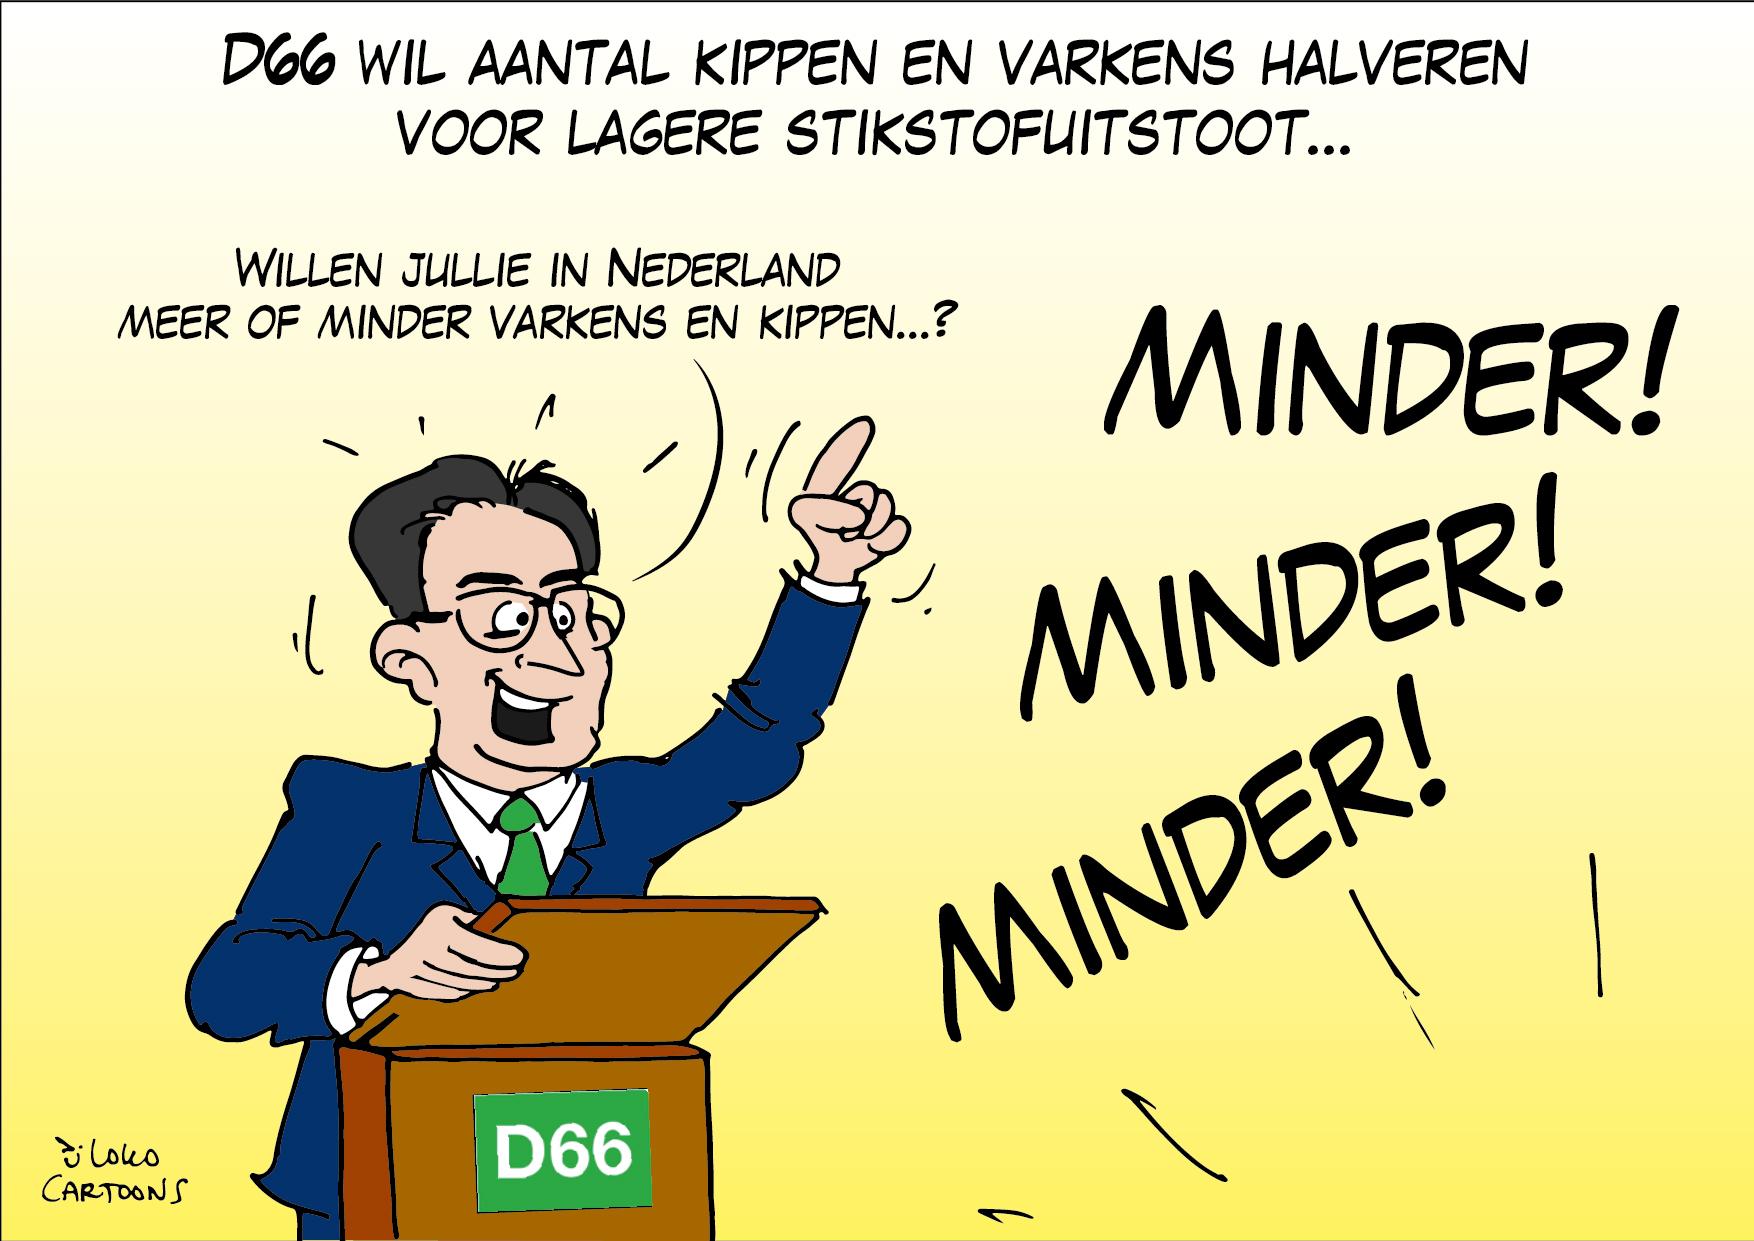 D66 wil aantal kippen en varkens halveren voor lagere stikstofuitstoot…